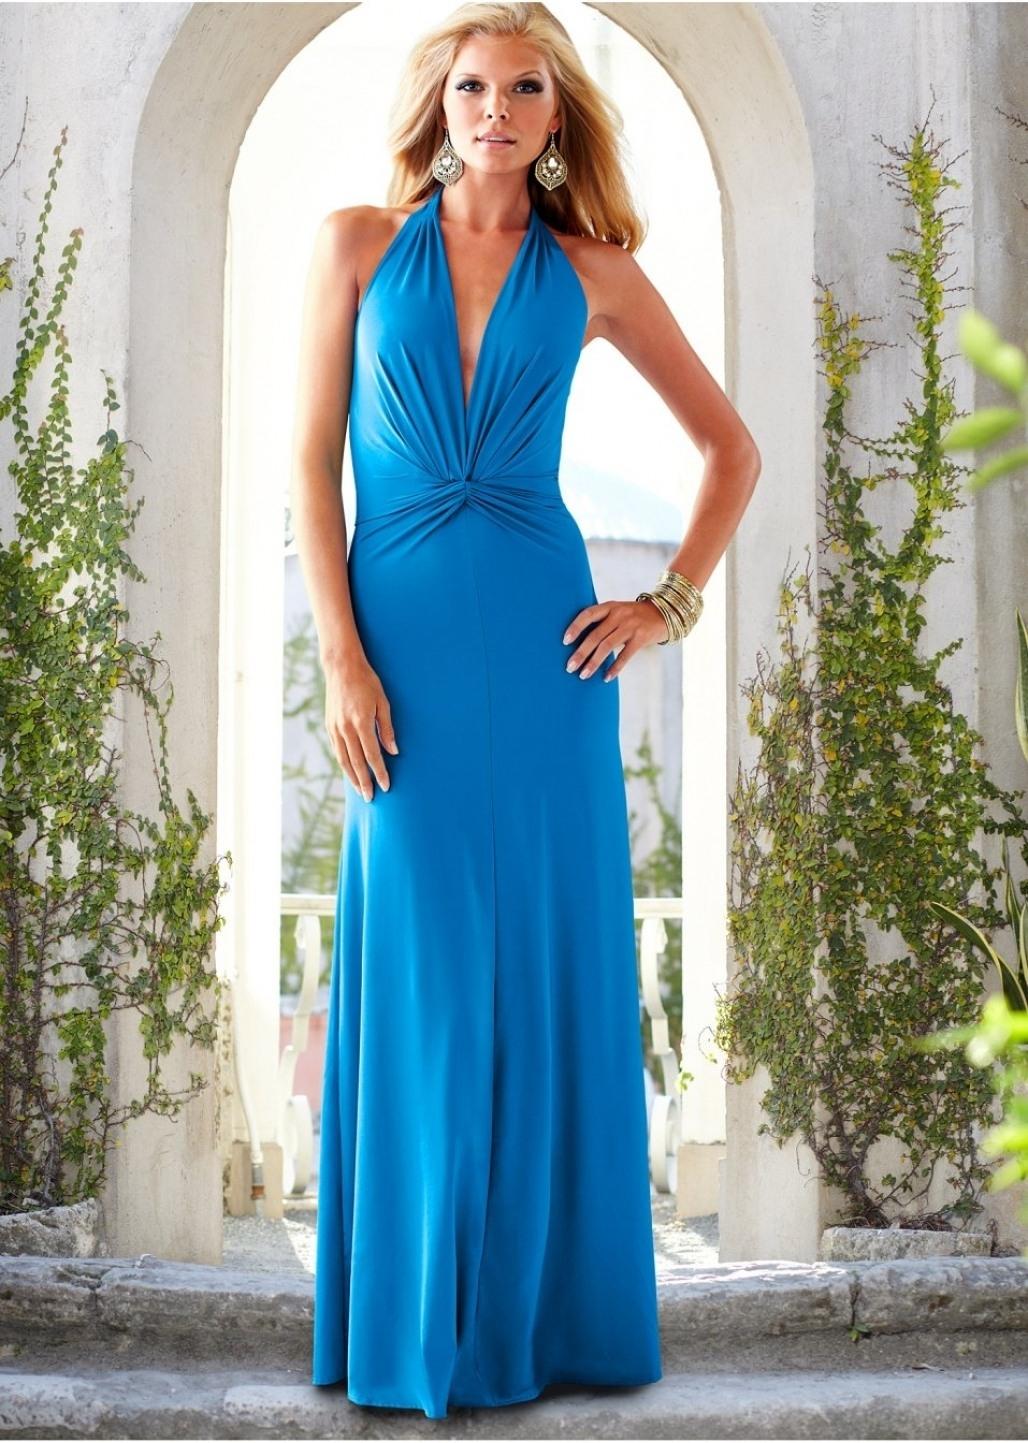 13 Kreativ Abendkleider Günstig Bestellen Spezialgebiet20 Fantastisch Abendkleider Günstig Bestellen Design